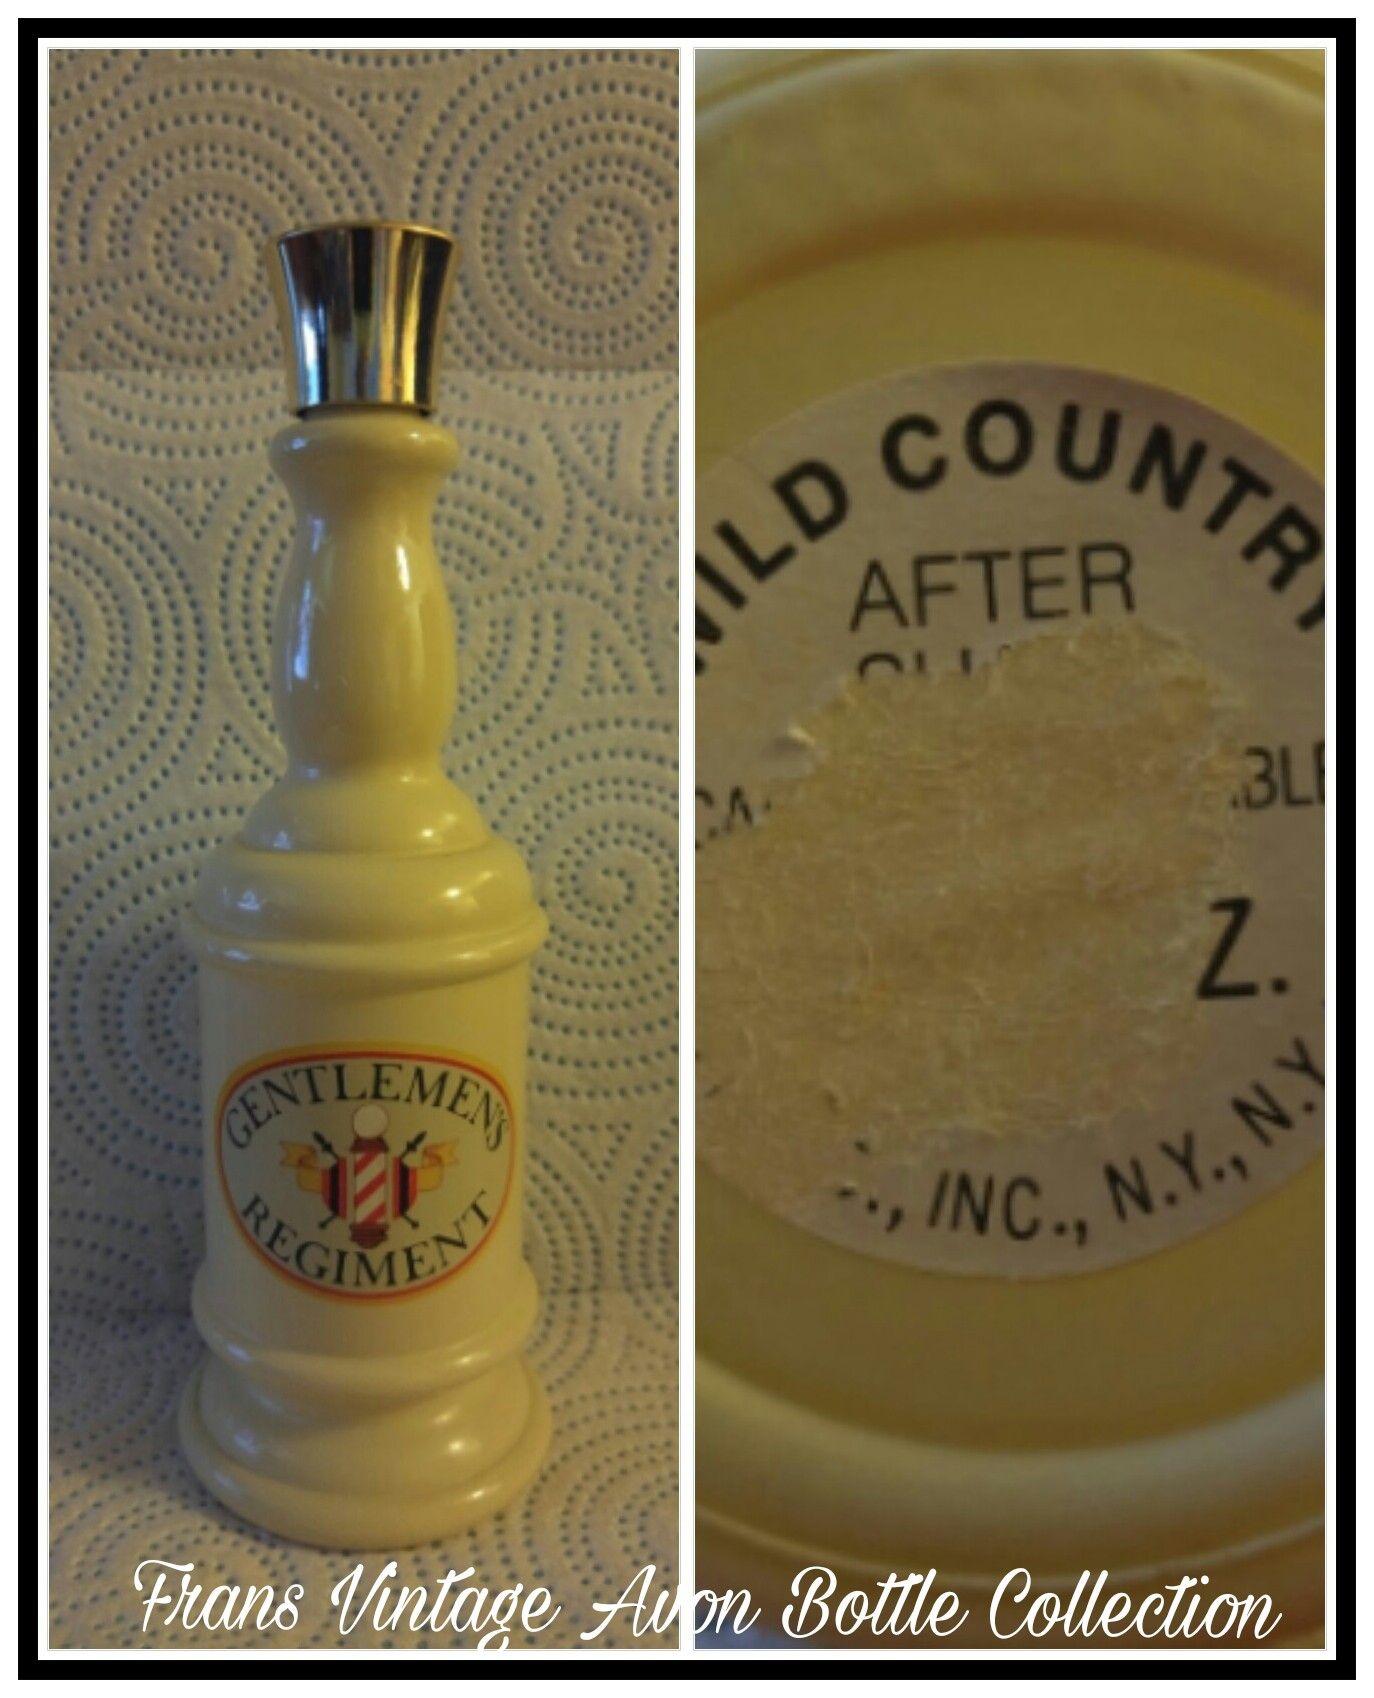 Vintage Avon Gentlemen's Regiment Wild Country After Shave